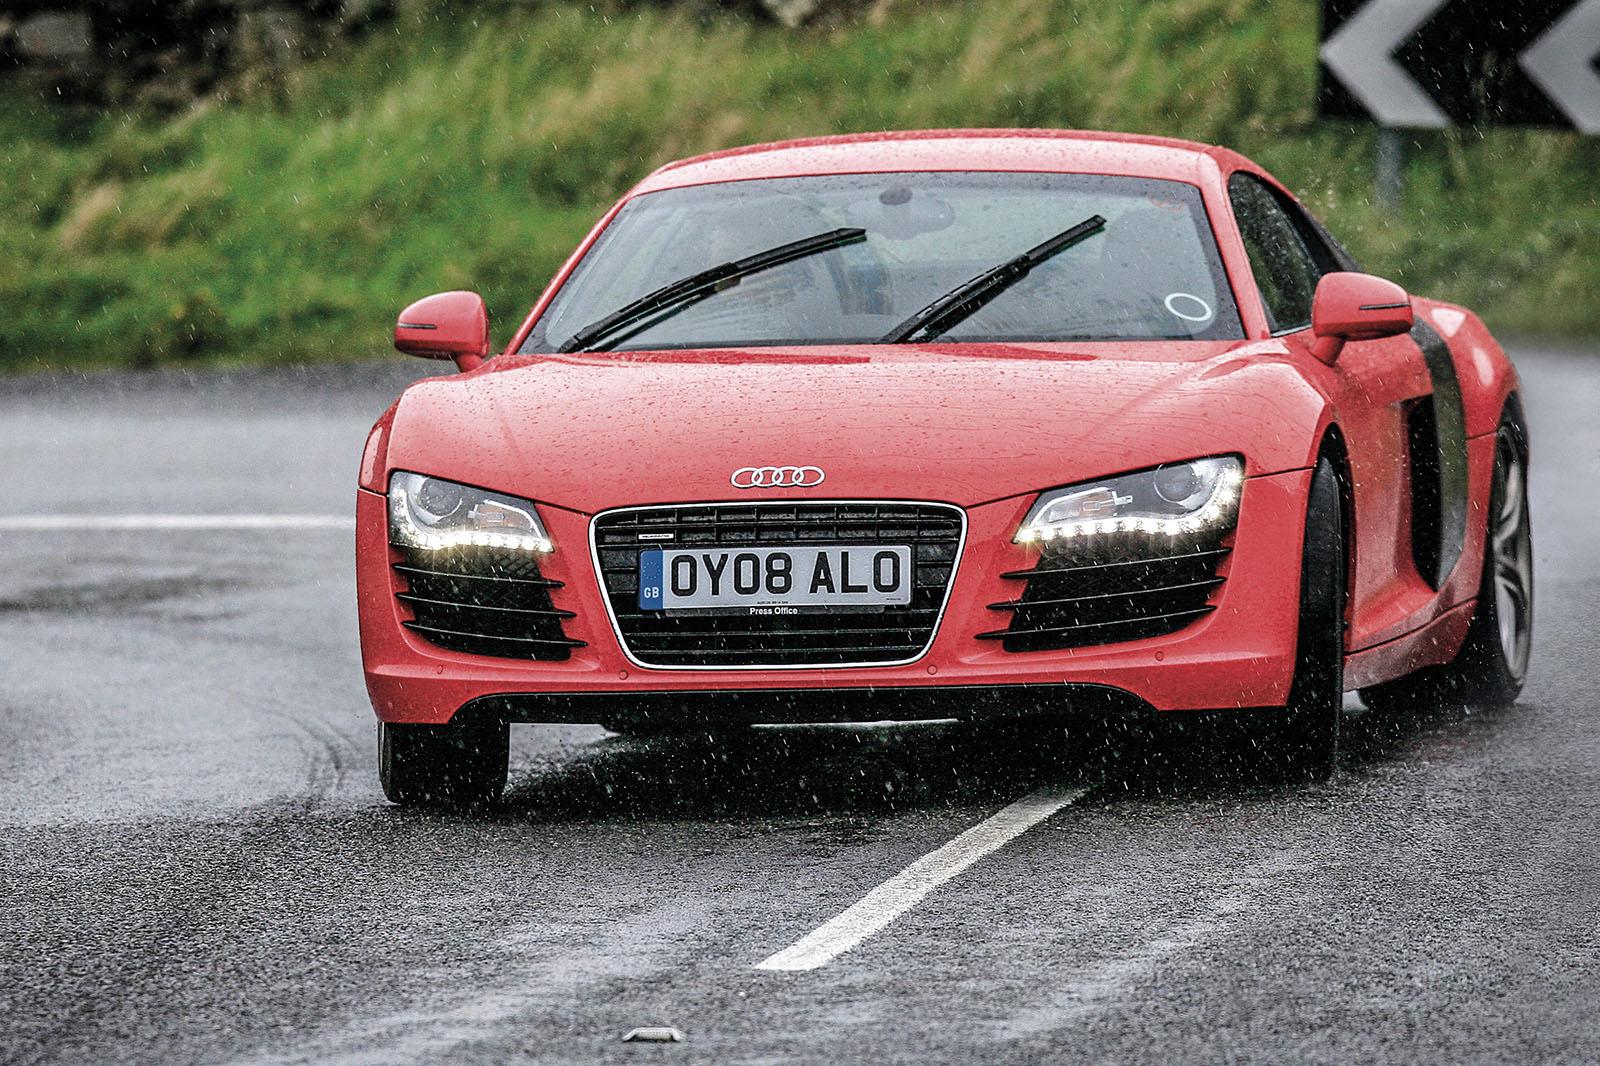 Kelebihan Audi Rt Harga